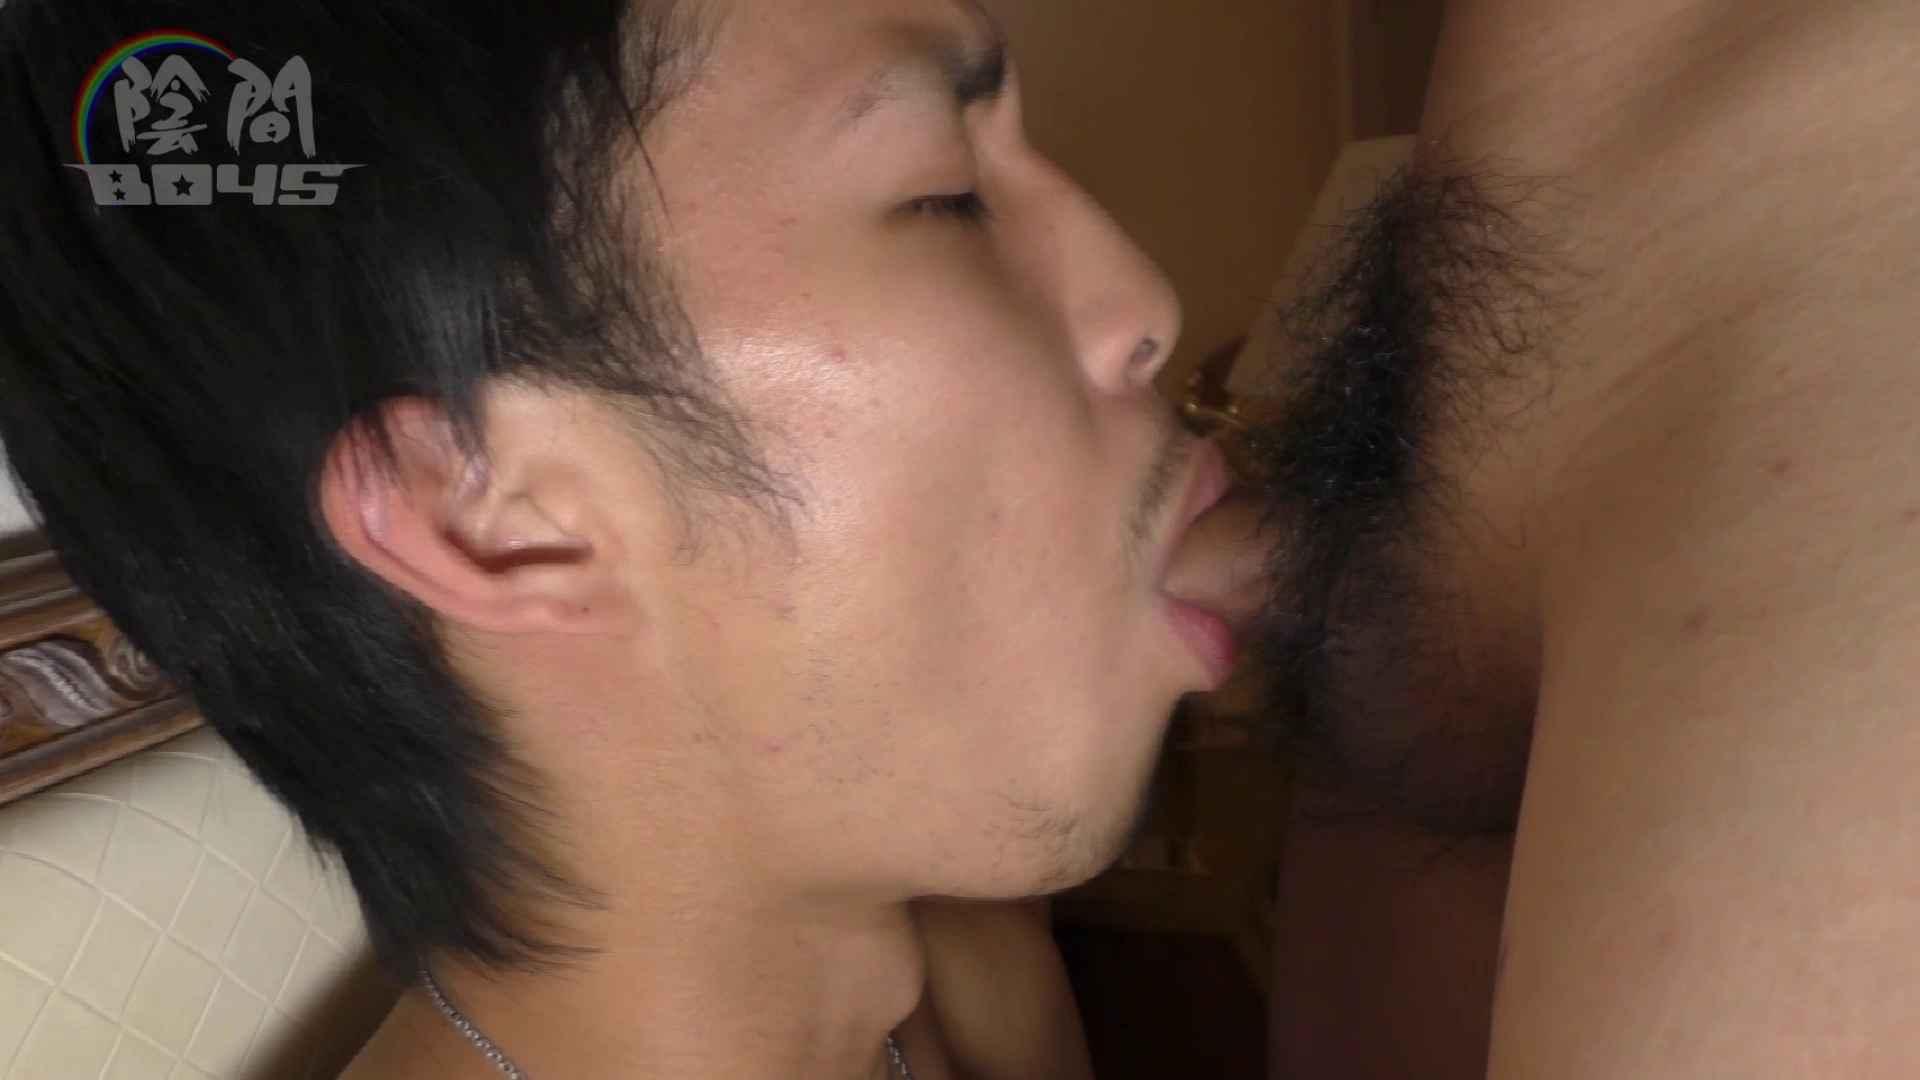 陰間BOYS~「アナルだけは許して…2」~04 お風呂 ゲイアダルト画像 60pic 56